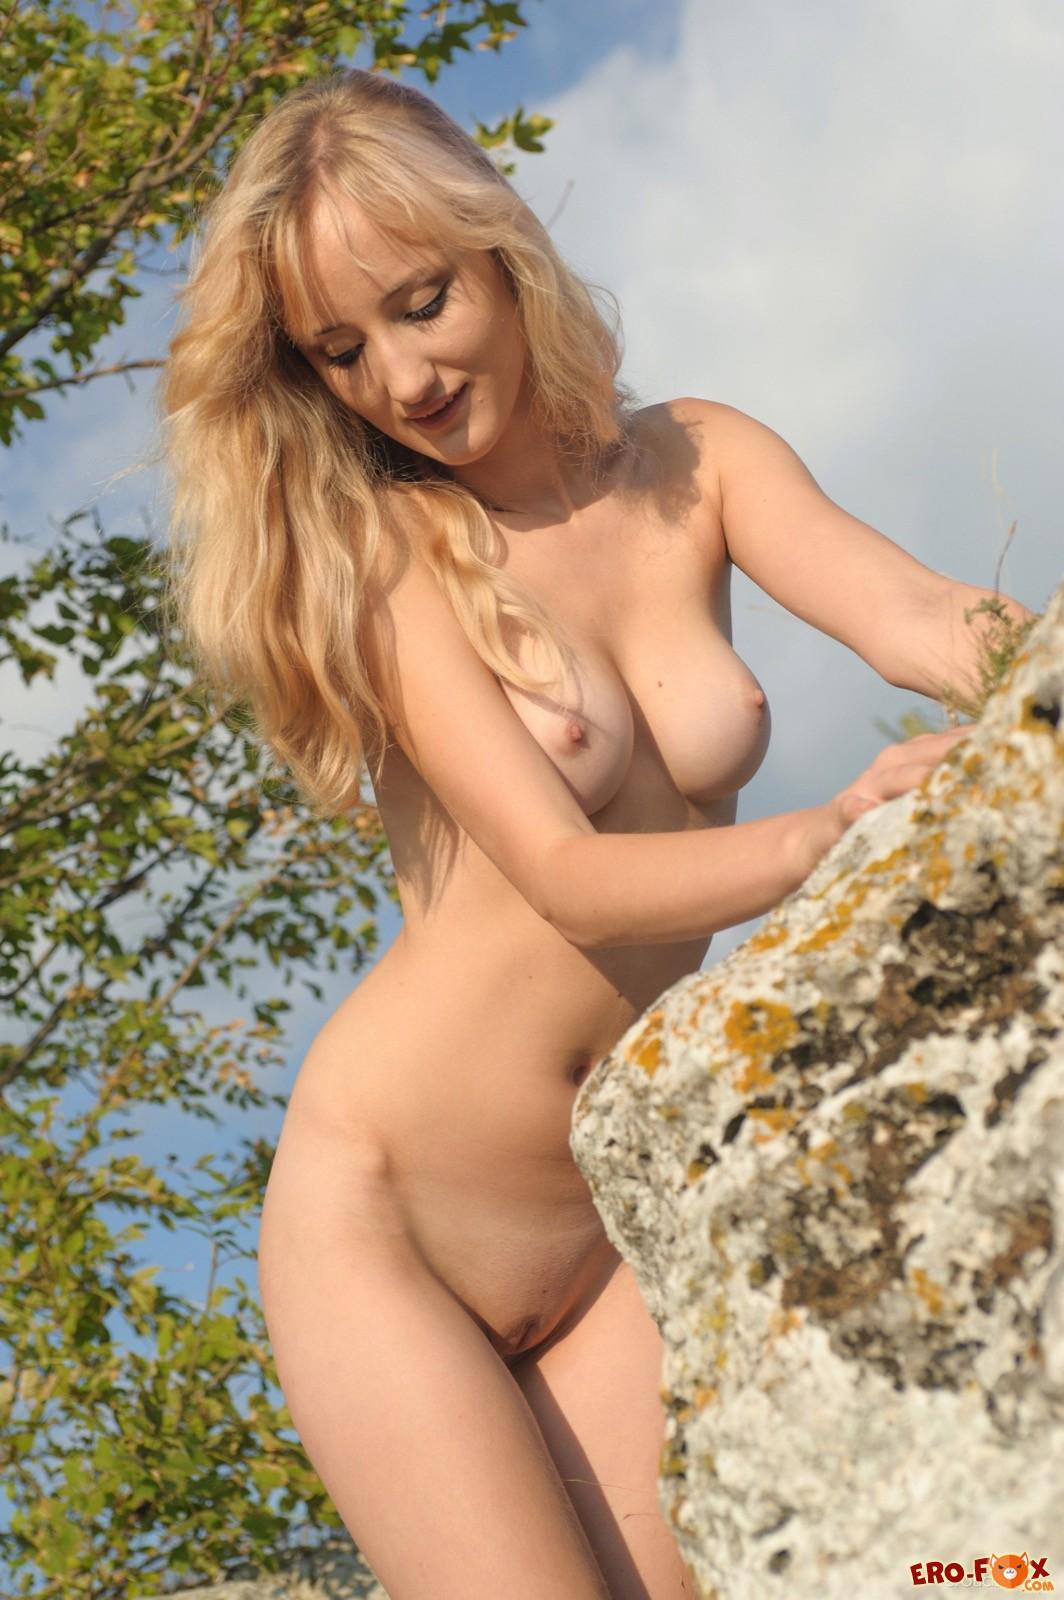 Худая девица позирует голой среди скал на природе